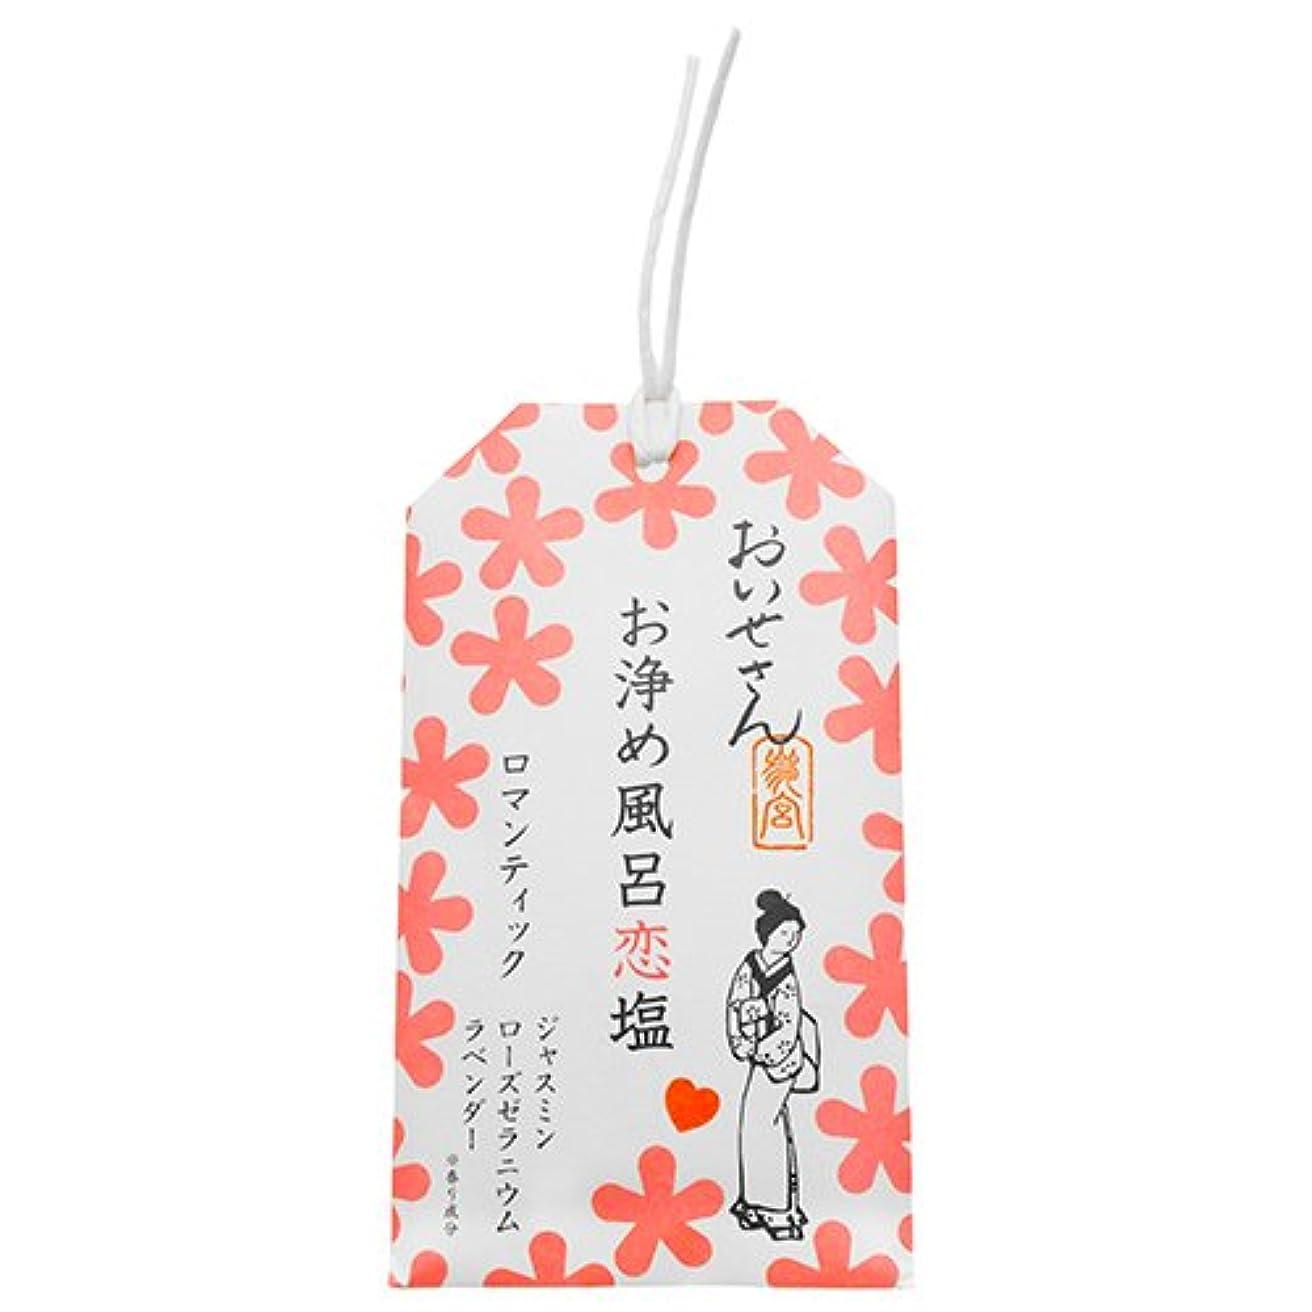 なかなか無線マンモスおいせさん お浄め風呂恋塩(ロマンティック)